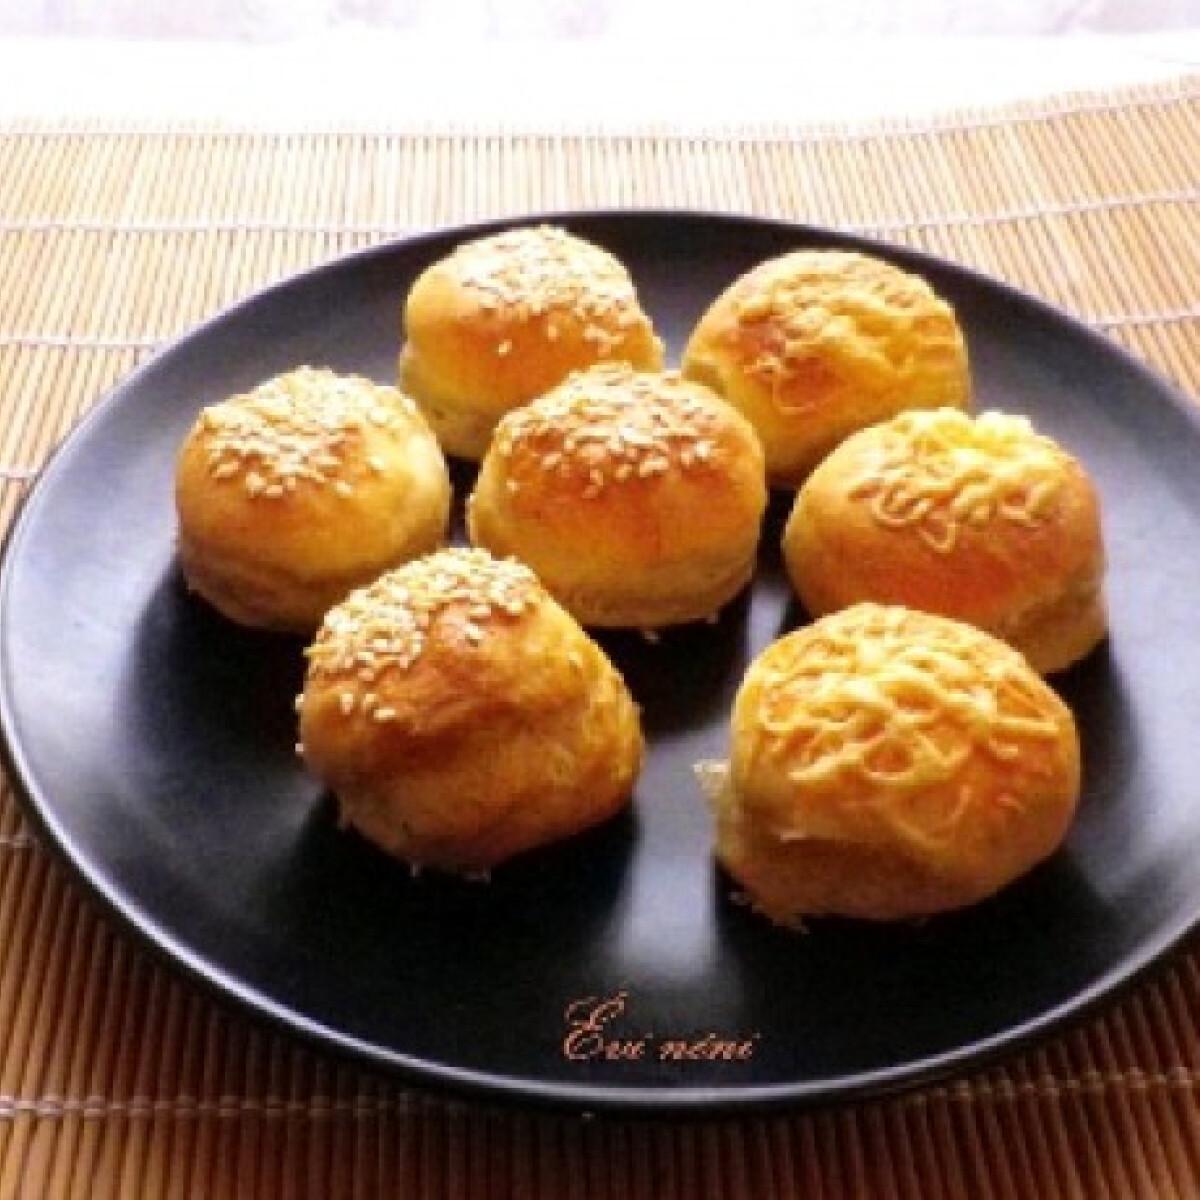 Krumplis pogácsa Évi nénitől